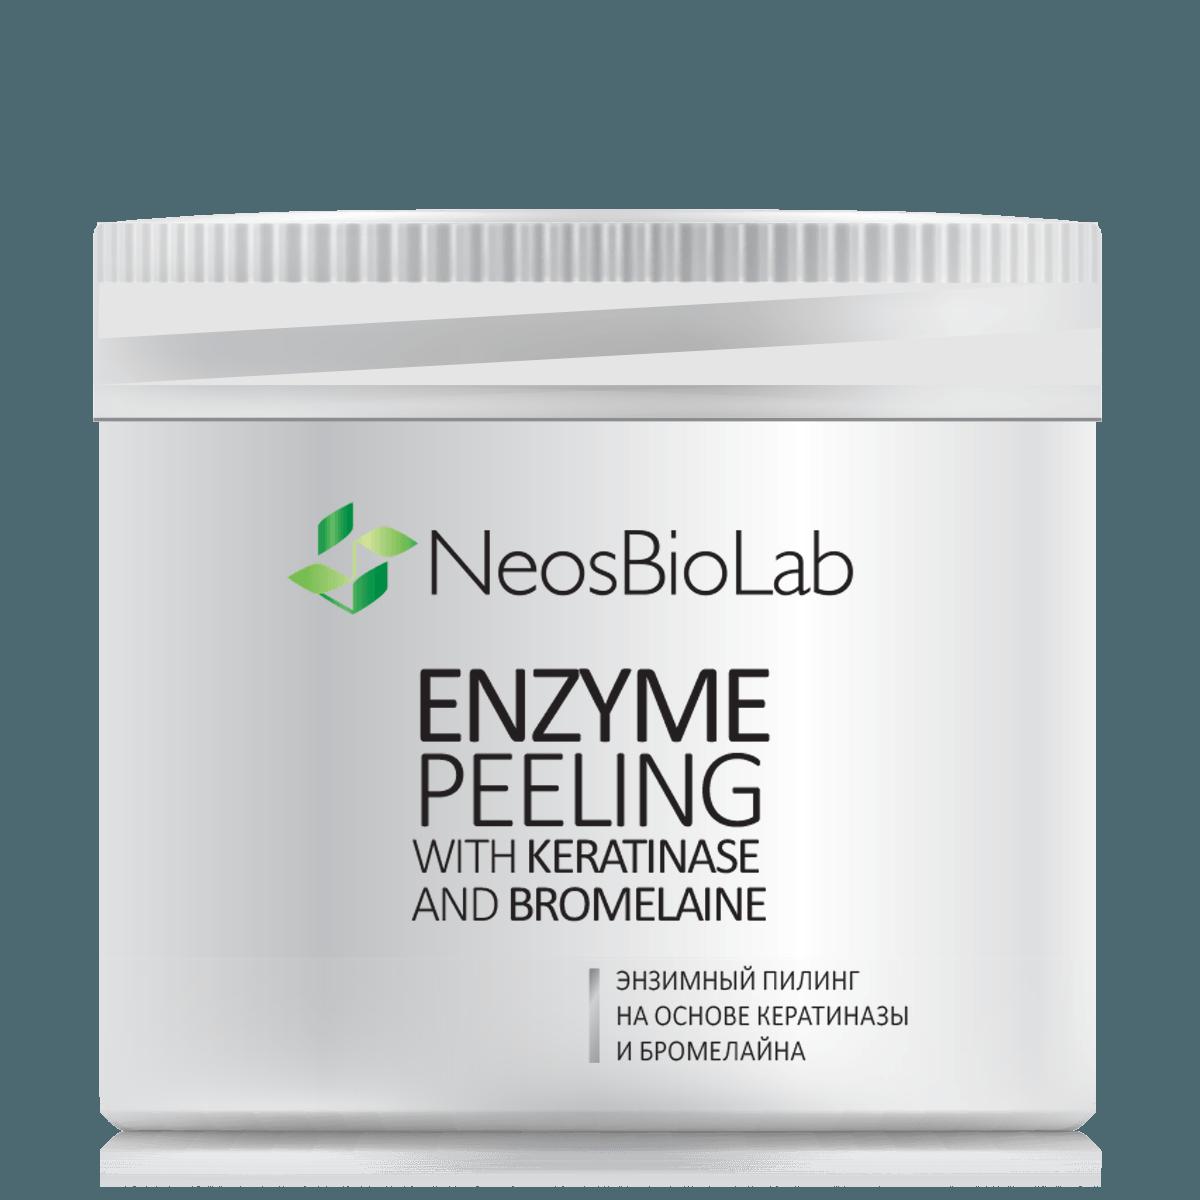 Энзимный пилинг с кератиназой